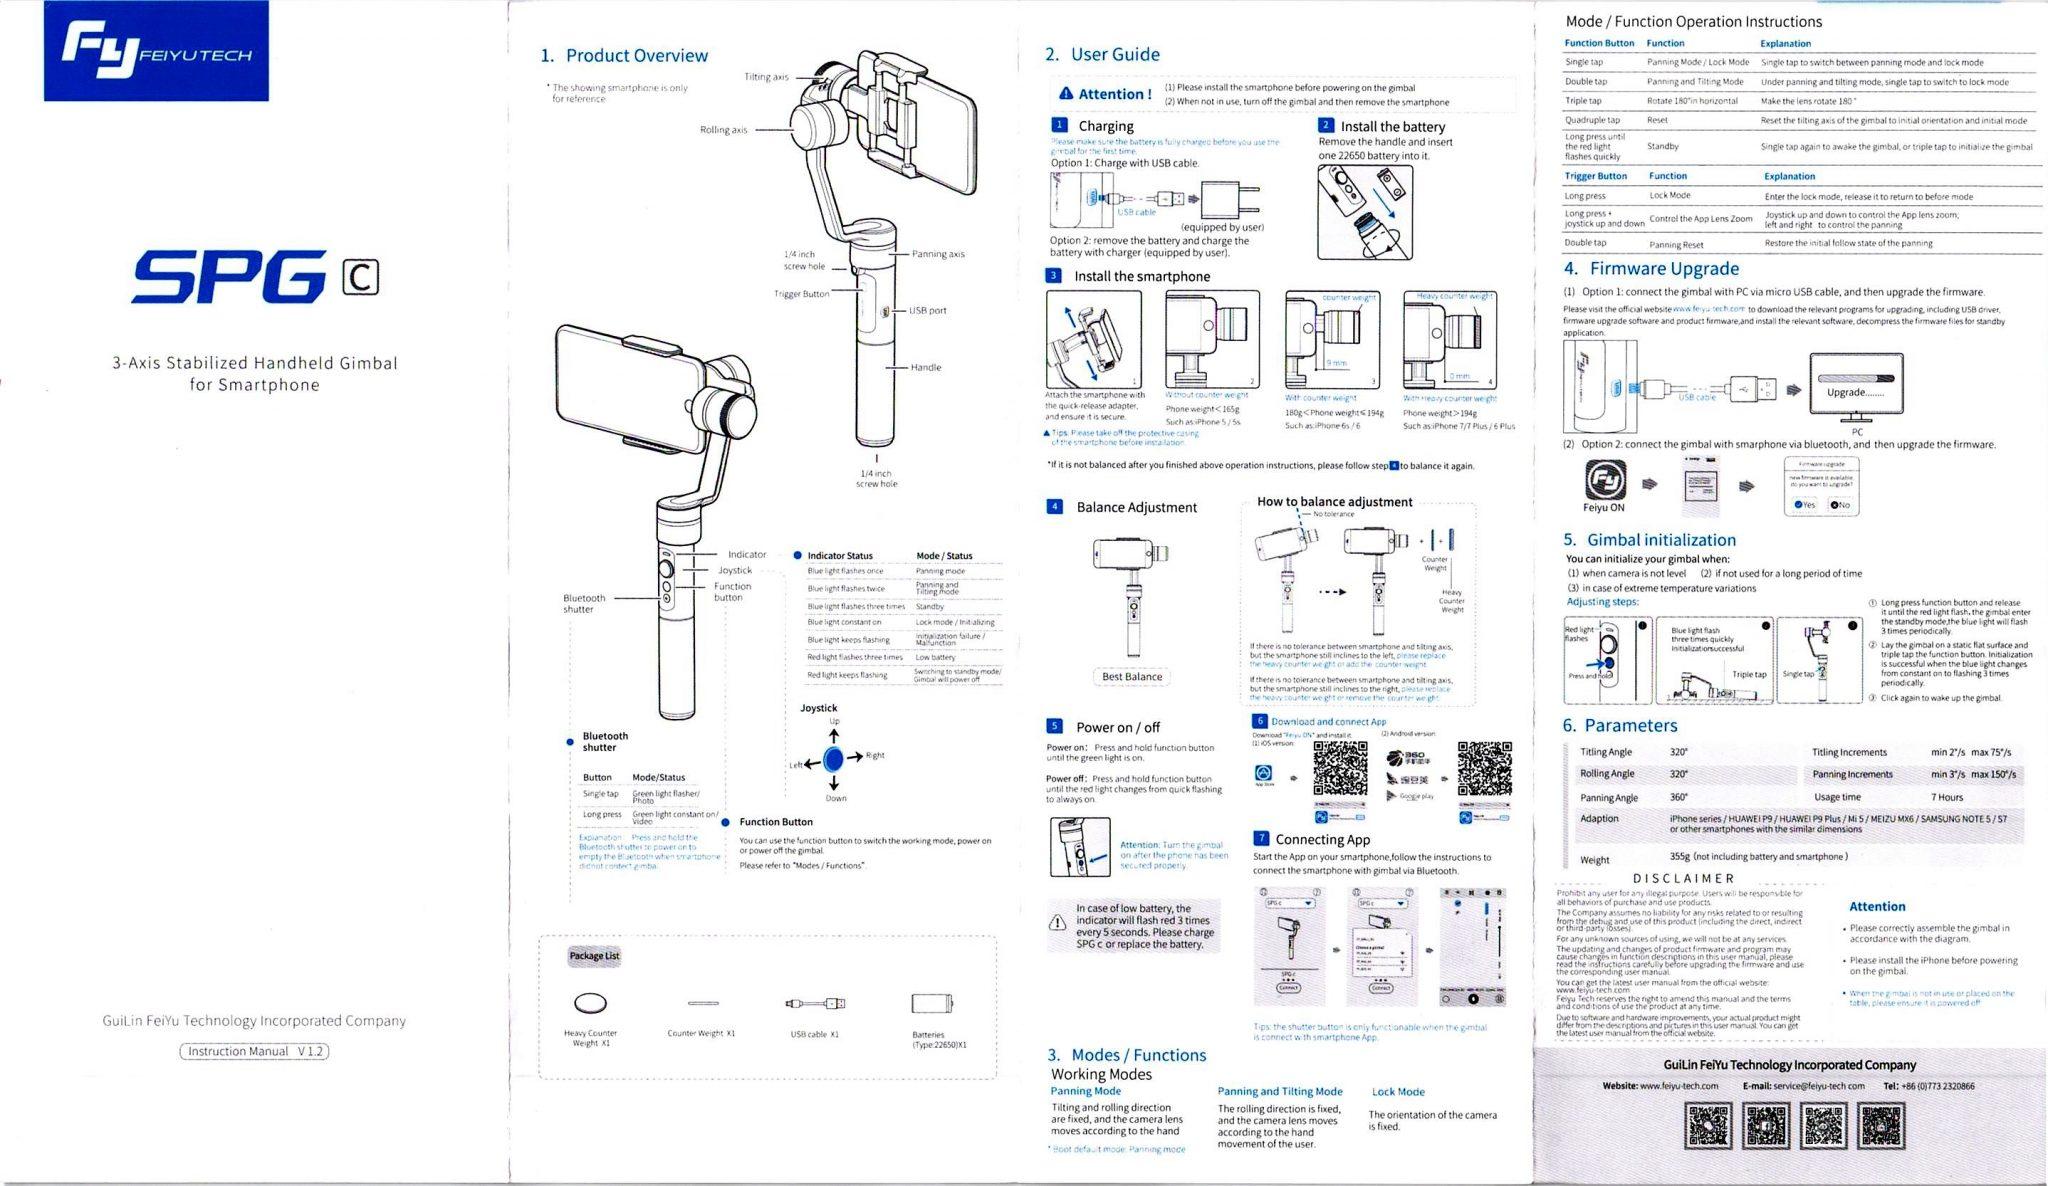 FeiyuTech SPG c 3軸 ハンドヘルド ジンバル スタビライザー 取説